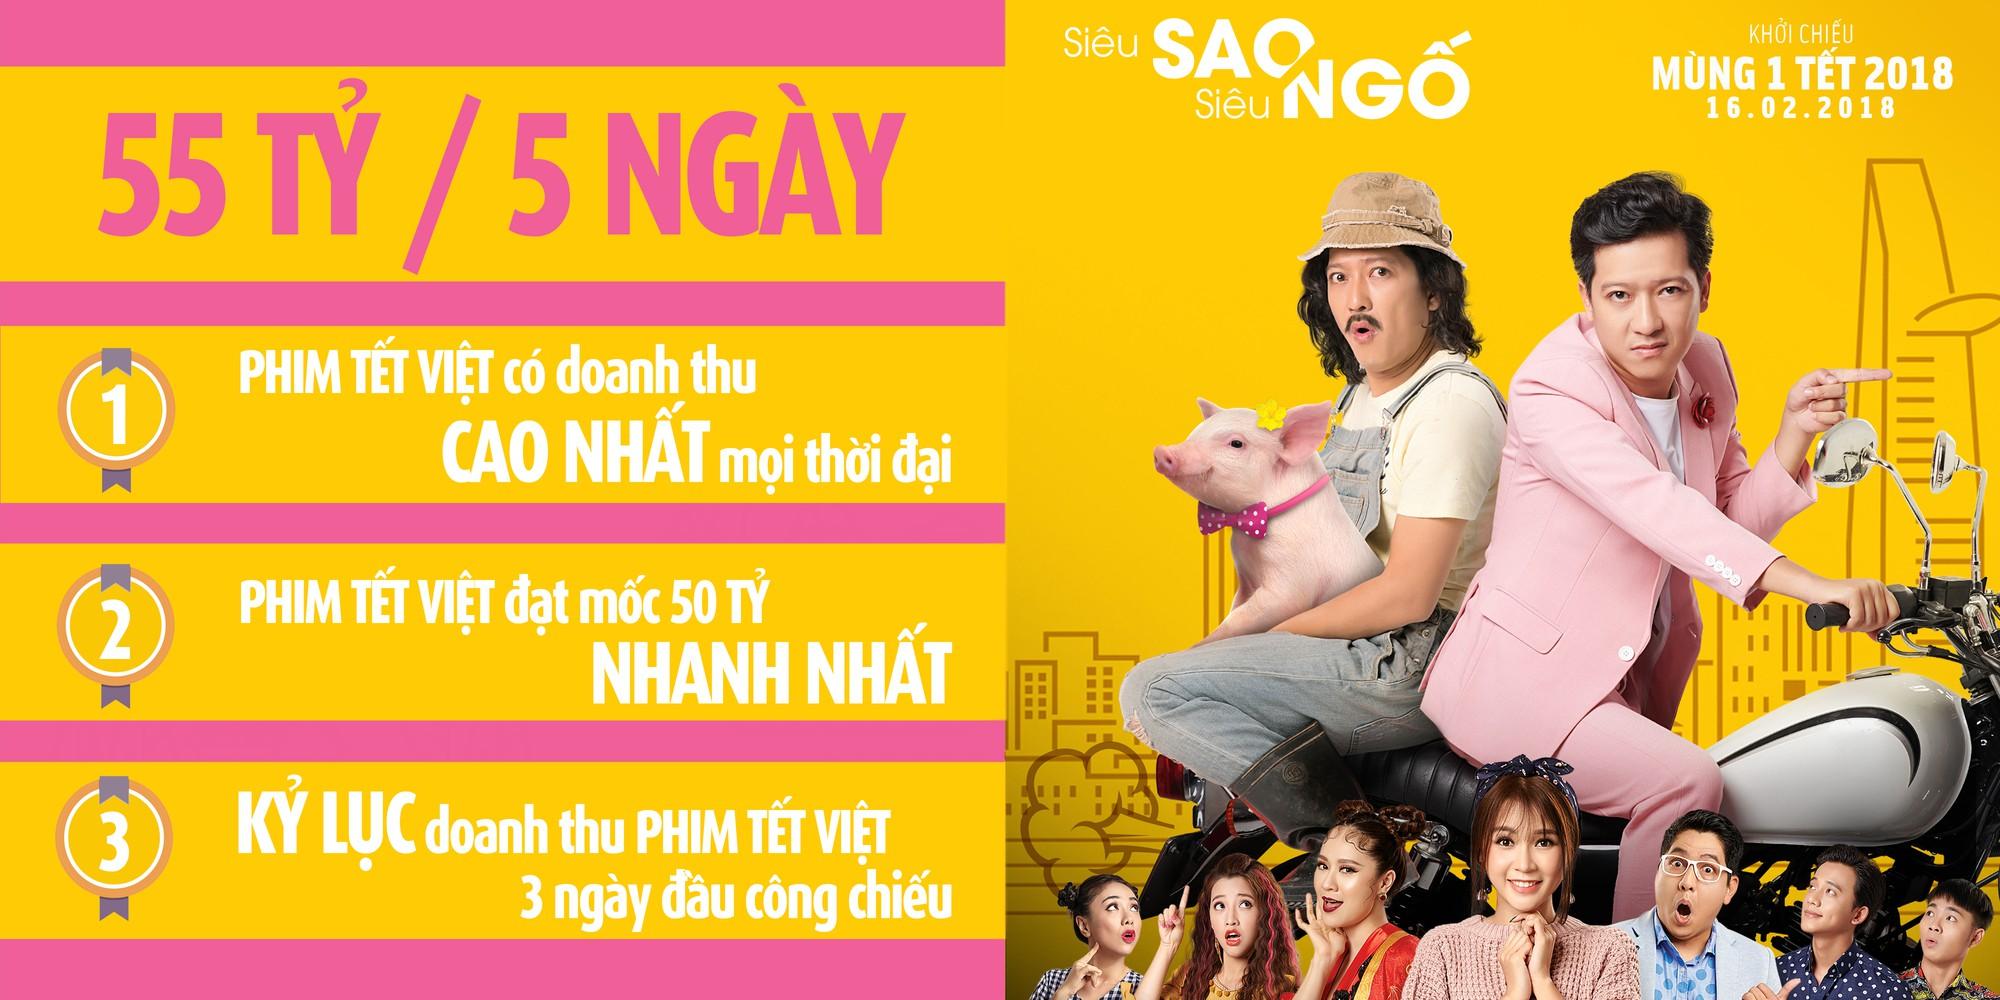 5 ngày thu 55 tỷ, phim của Trường Giang ăn nhất mùa Tết! - Ảnh 1.